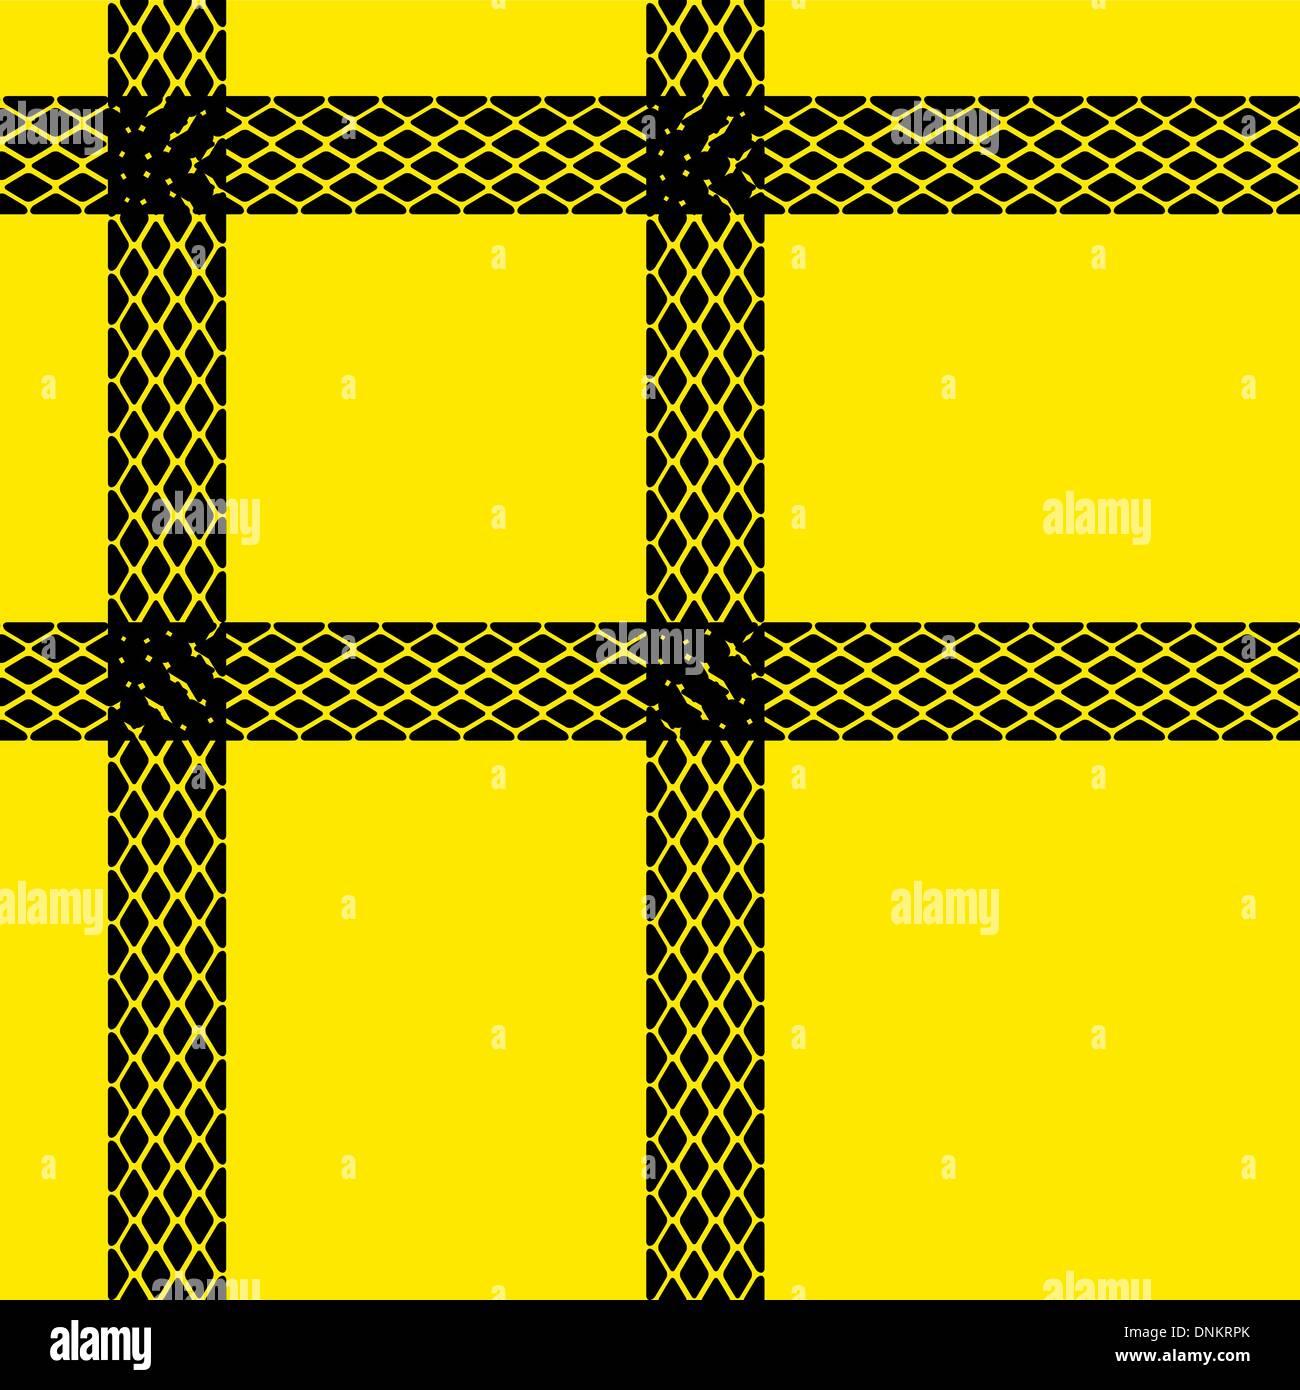 Las huellas de los neumáticos wallpaper perfecta ilustración de fondo vector patrón Ilustración del Vector